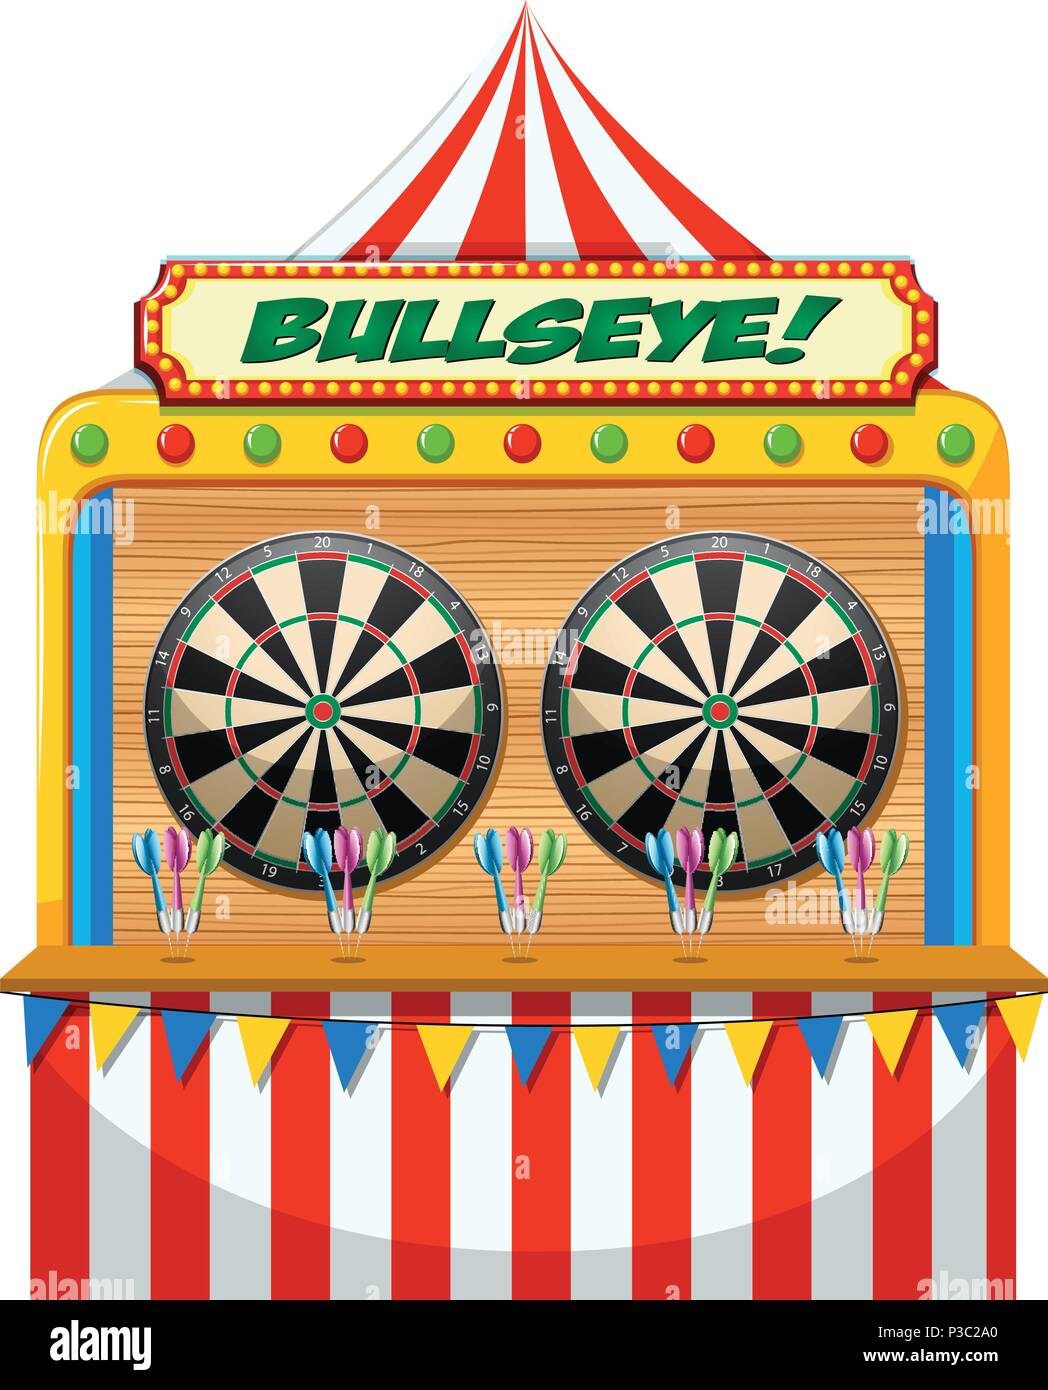 A Fun Fair Game Booth illustration - Stock Vector